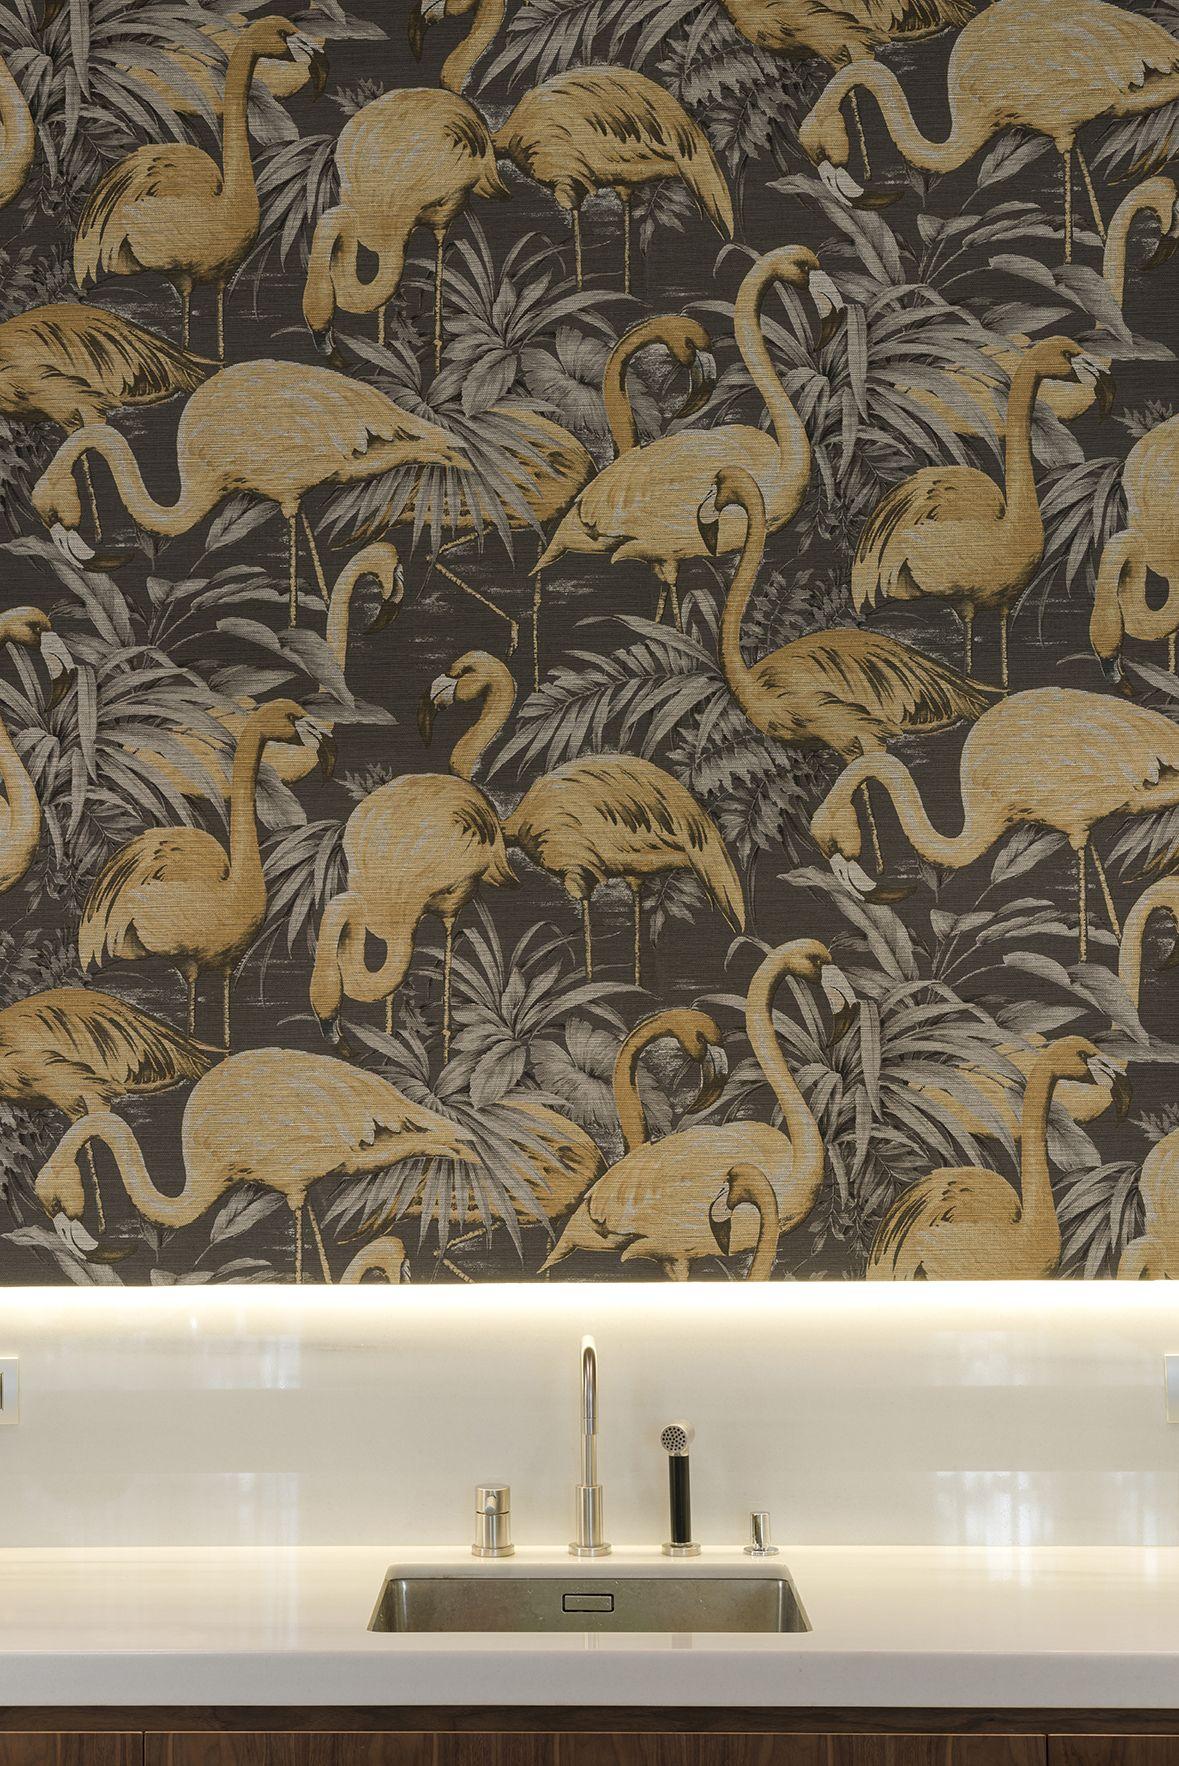 Cocina Con Wallpaper Der Arte International Y Grifería De